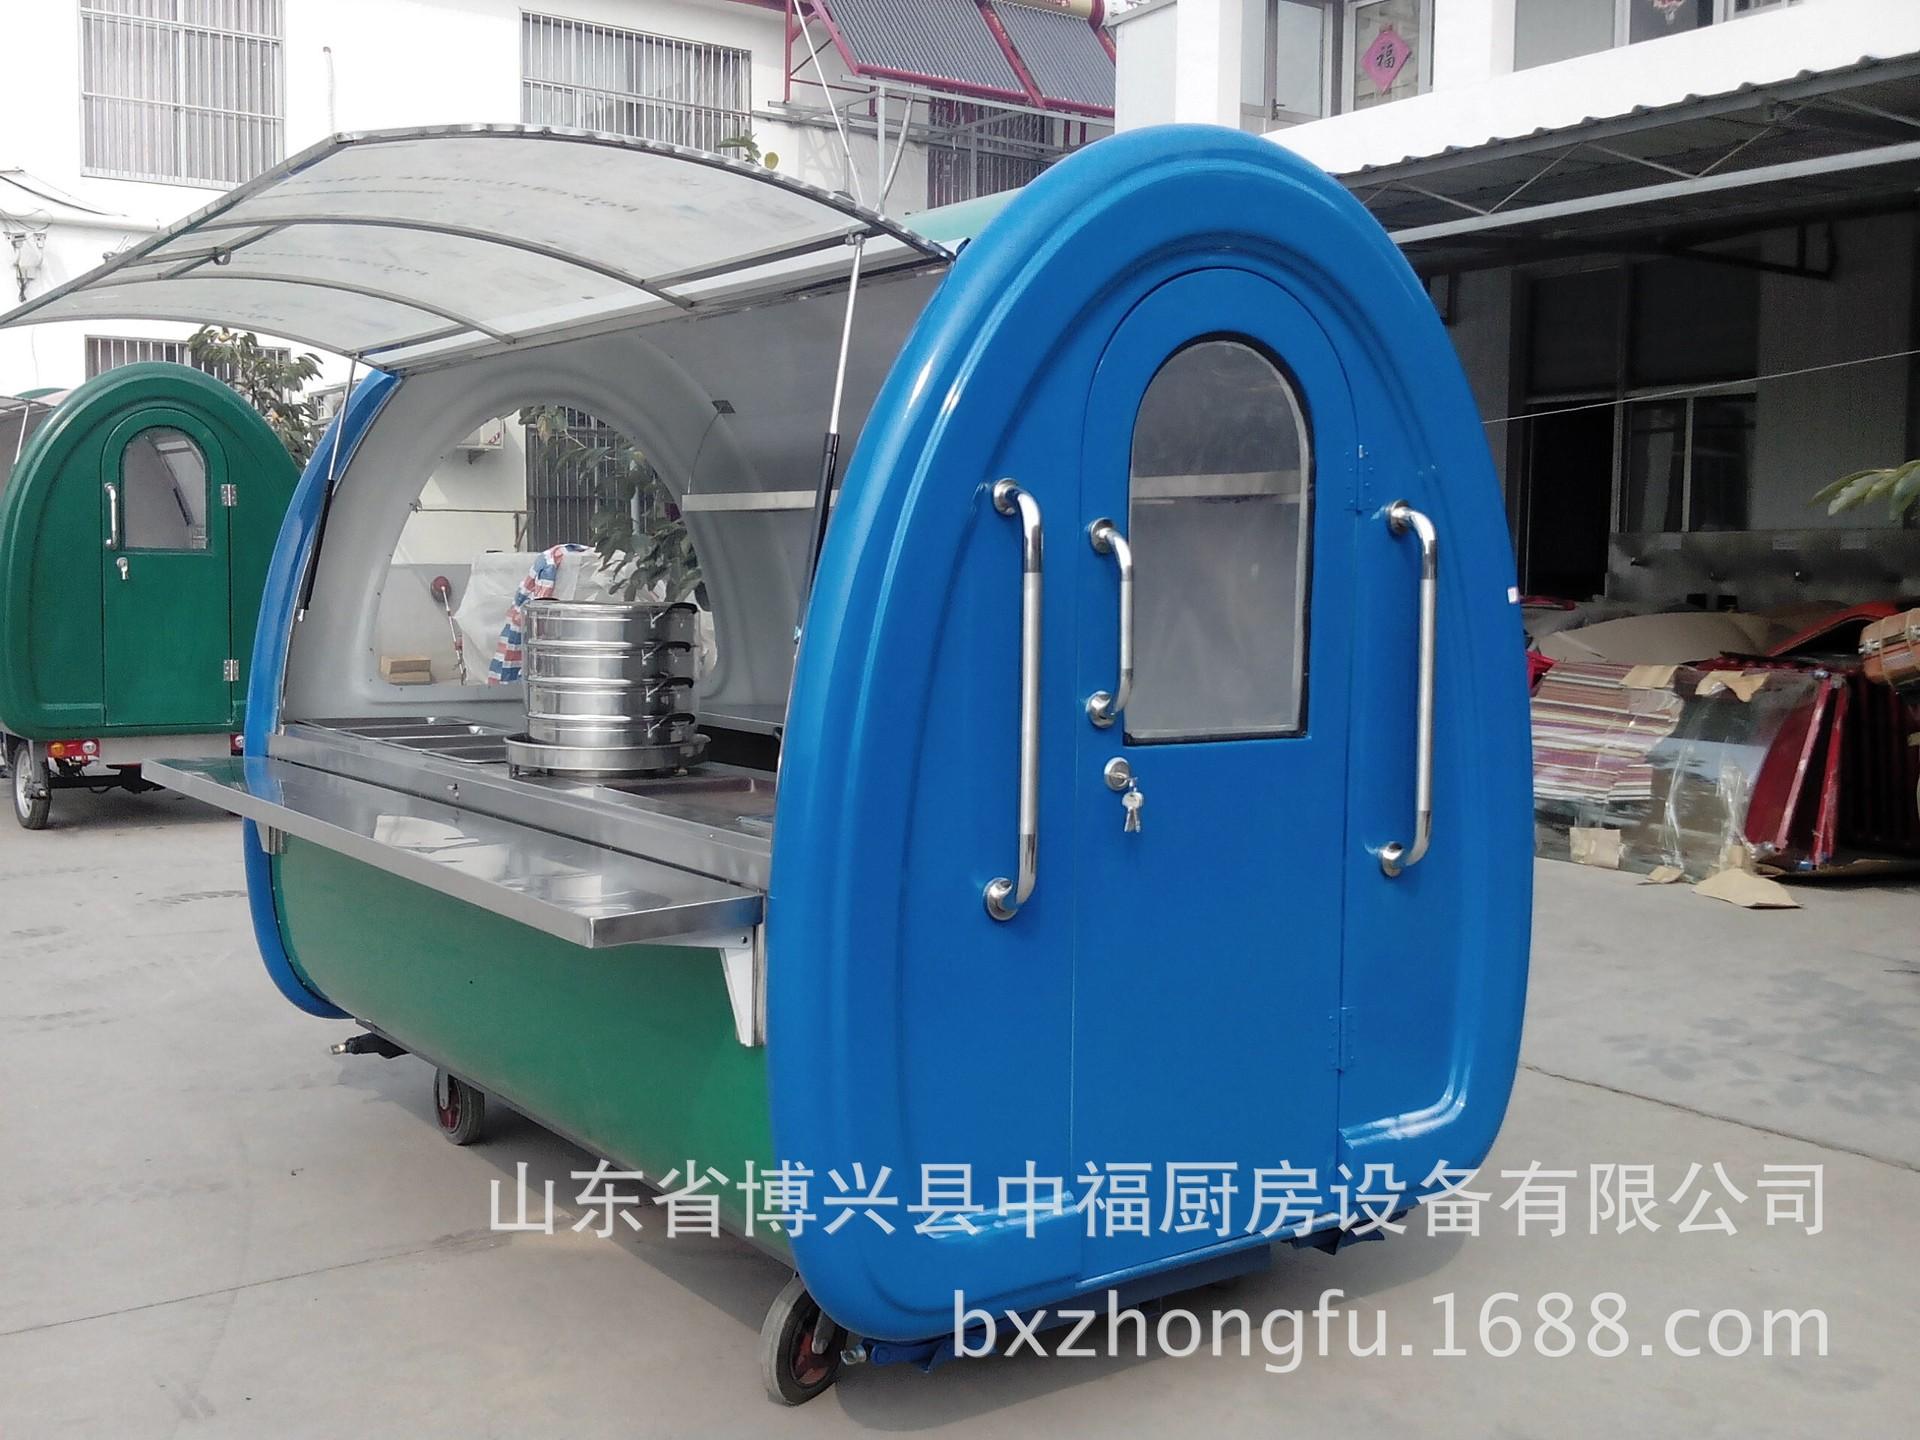 电动是三轮美食车多功能美食房车环保节能实用油炸铁板烧